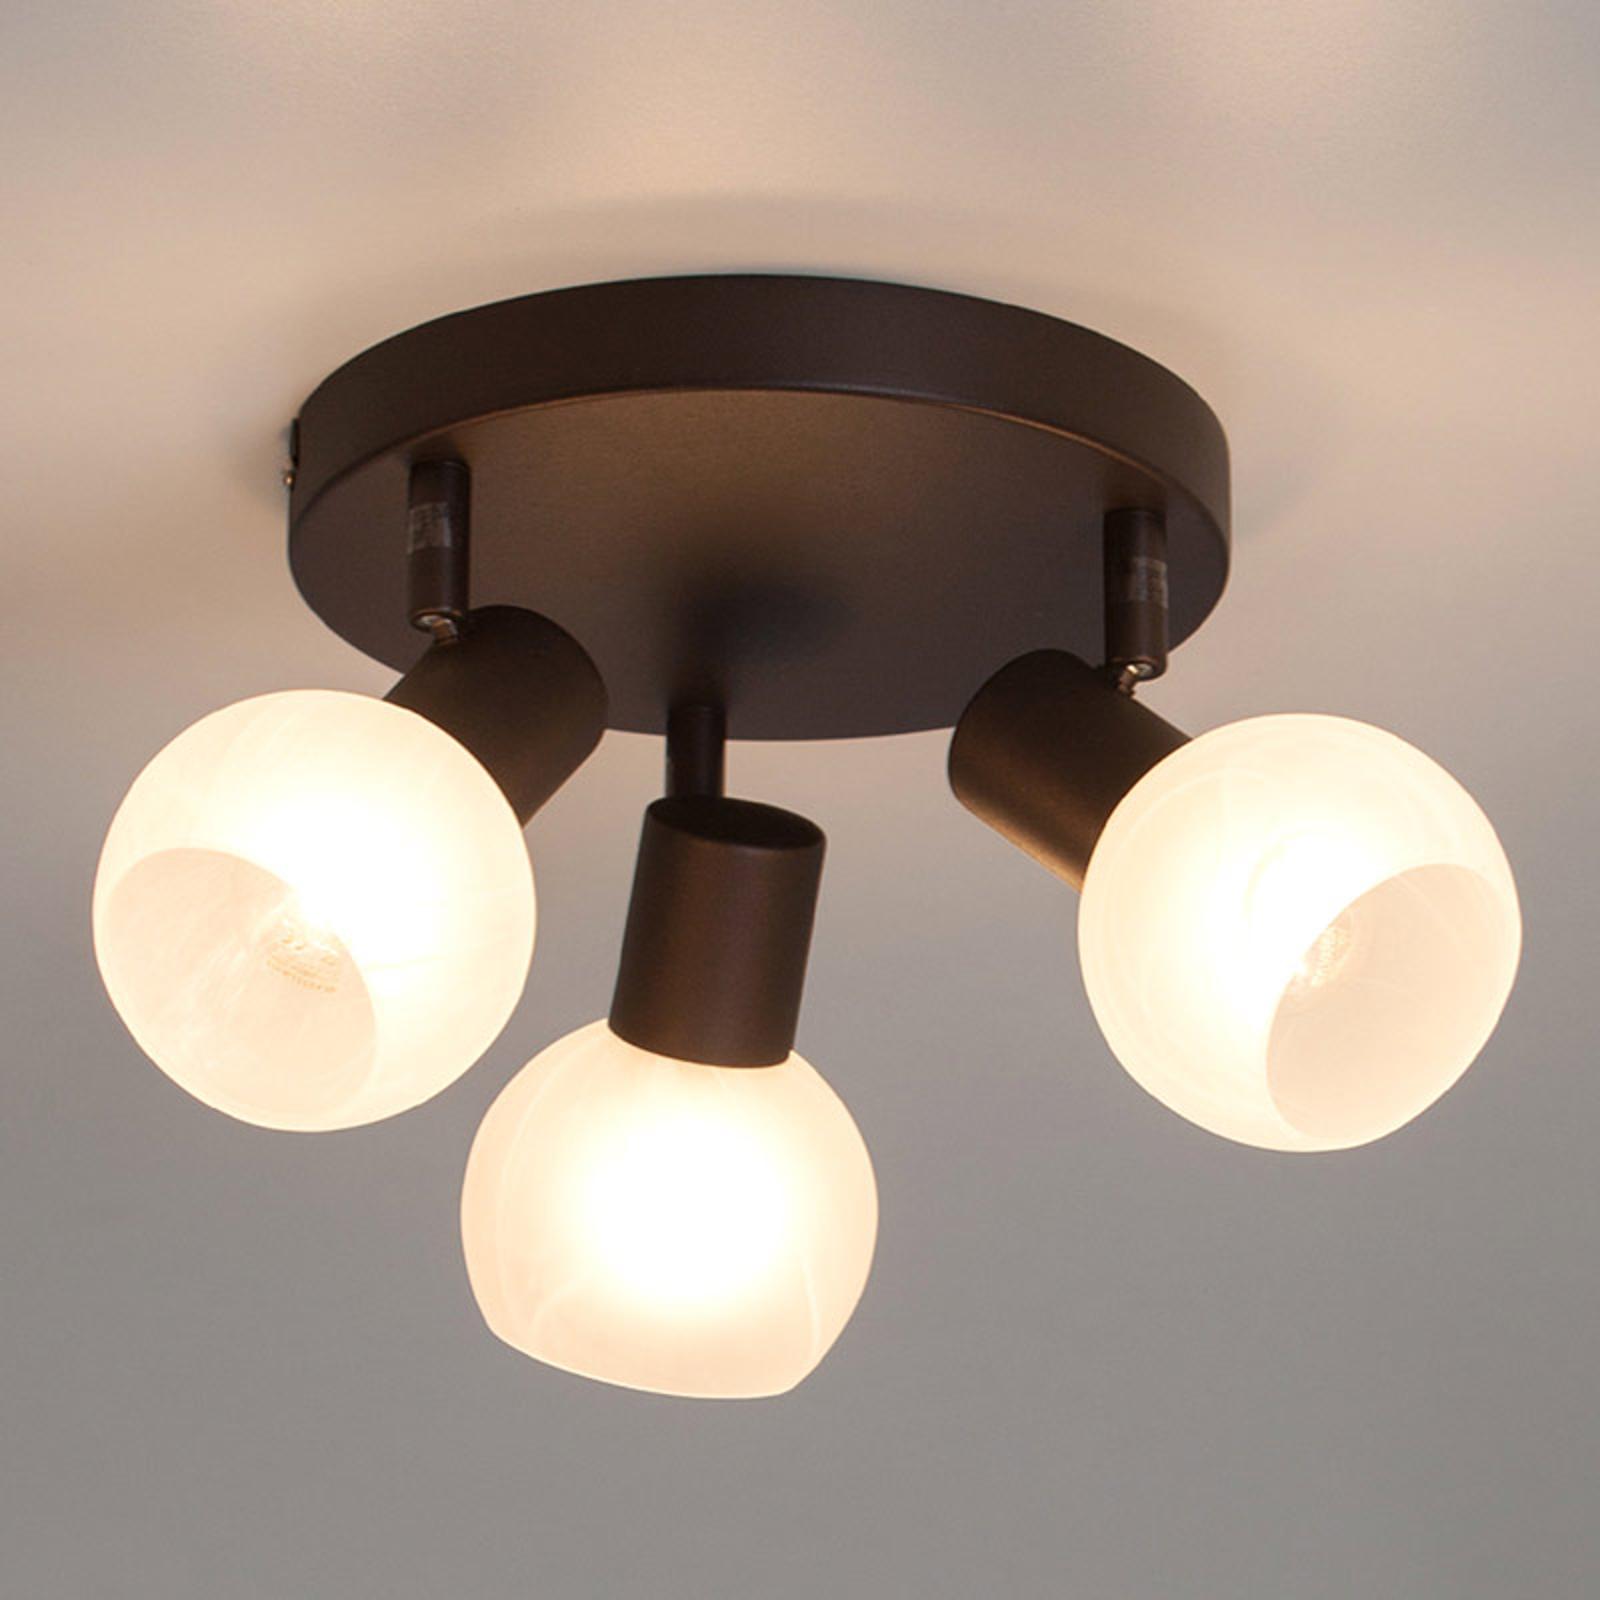 Trzypunktowa okrągła lampa sufitowa Gabon